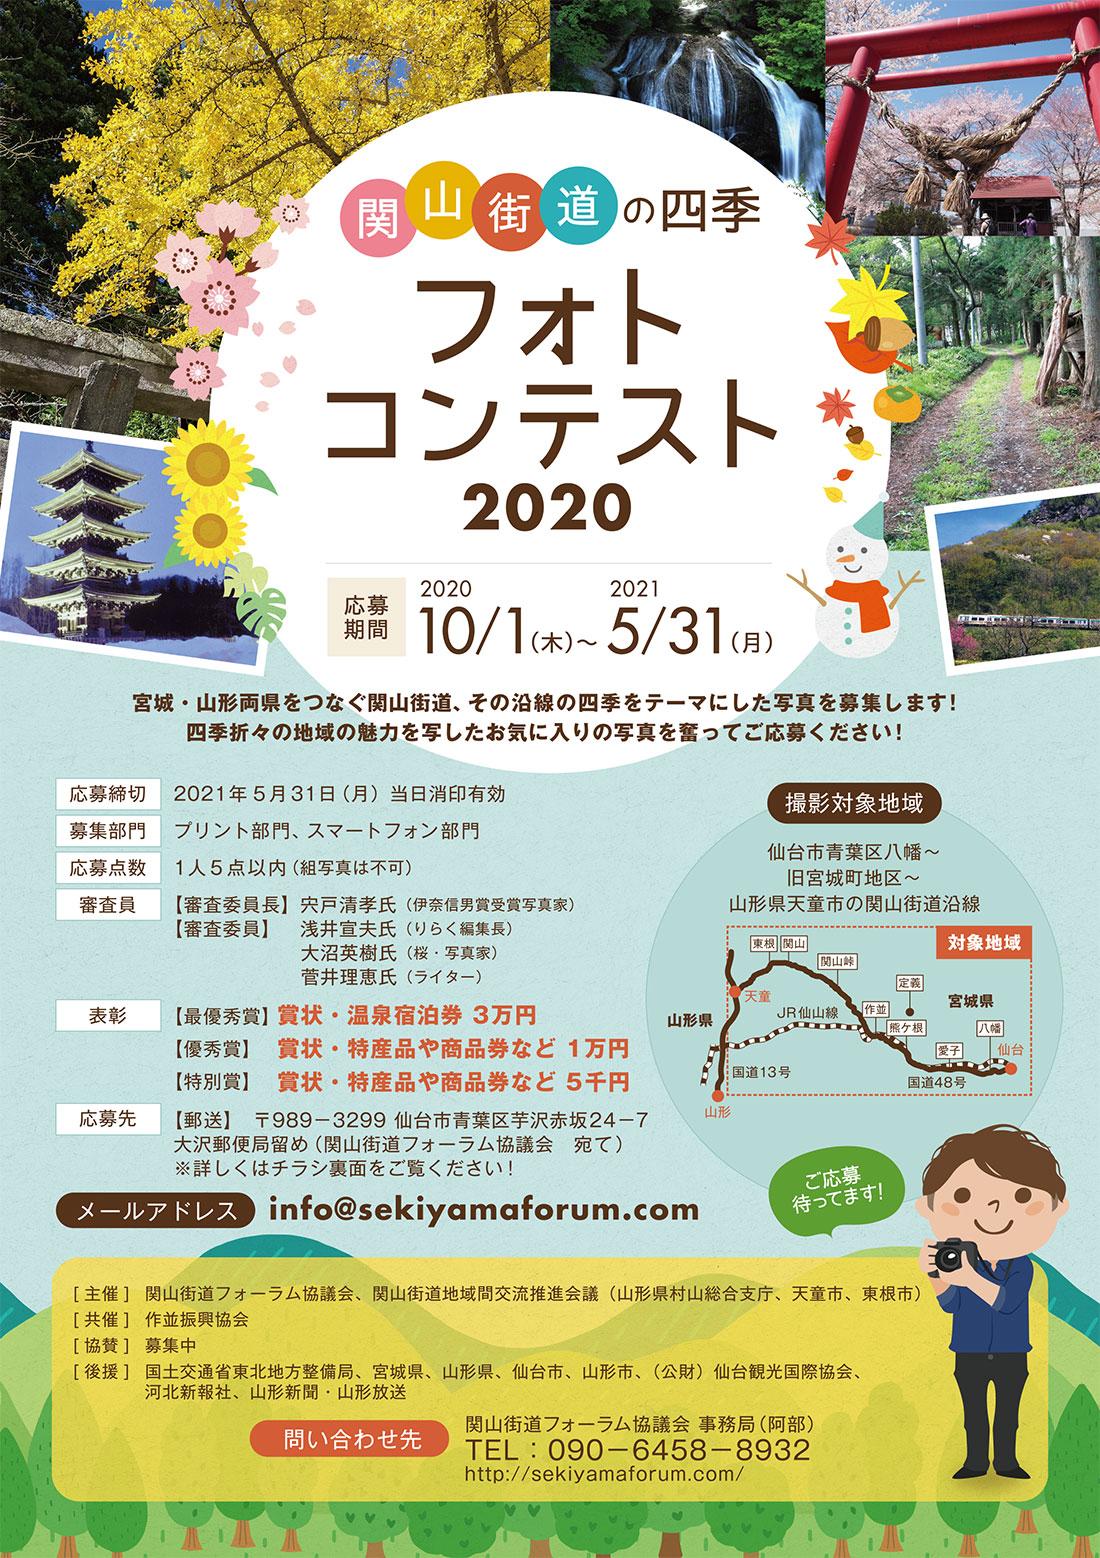 関山街道の四季フォトコンテスト2020